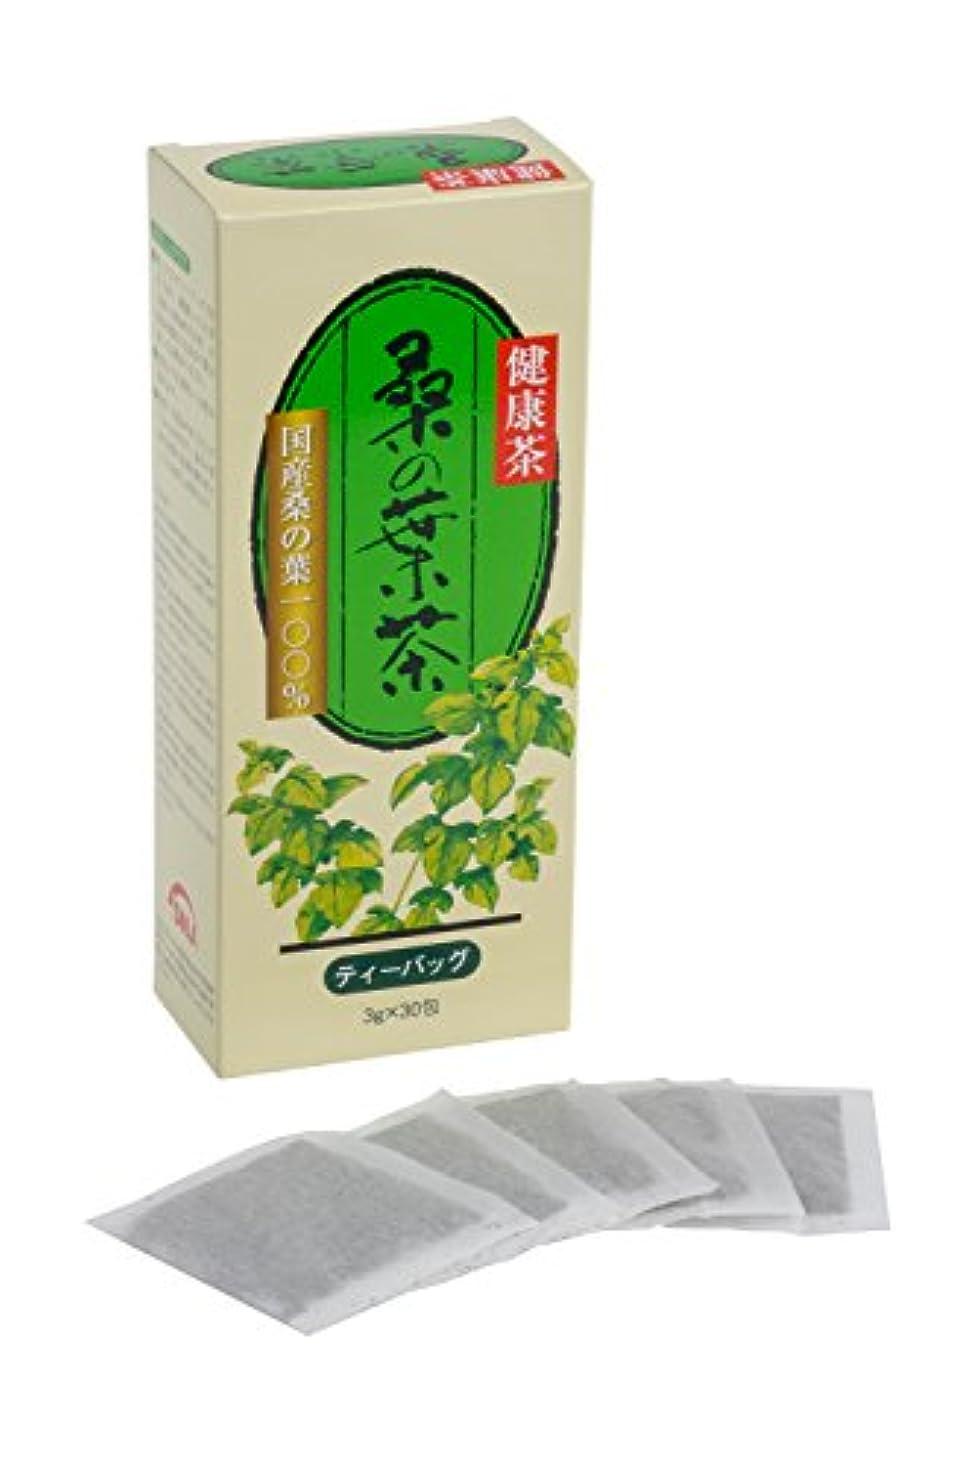 流行コンテンポラリークリスマストヨタマ(TOYOTAMA) 国産桑の葉100% 農薬不使用 ノンカフェイン健康茶 桑の葉茶ハードボックス 30包 01096201